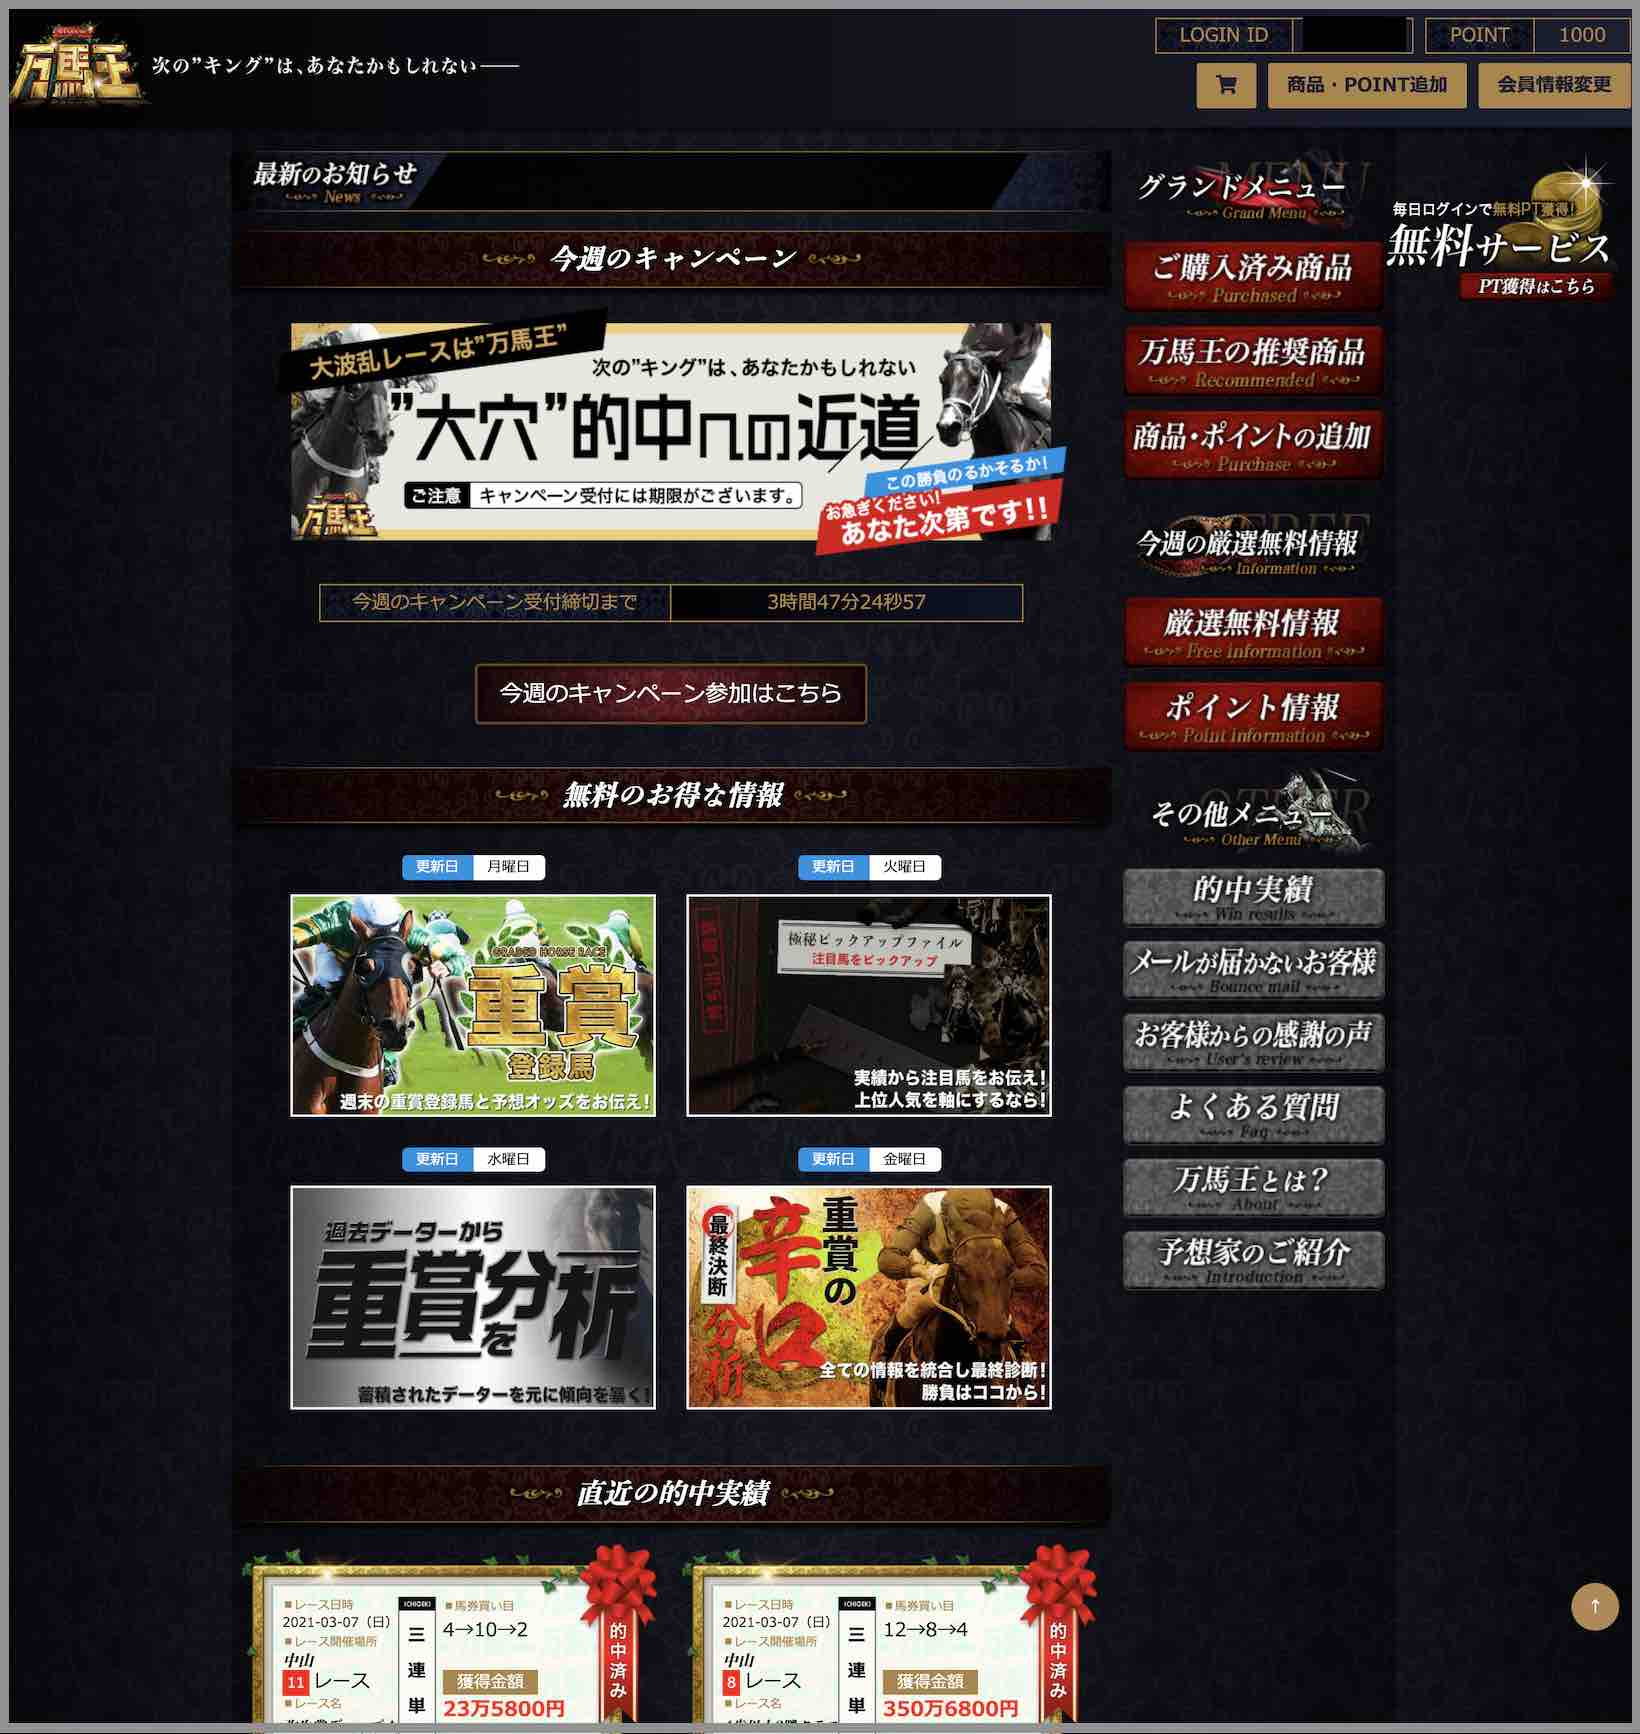 万馬王という競馬予想サイトの会員ページ